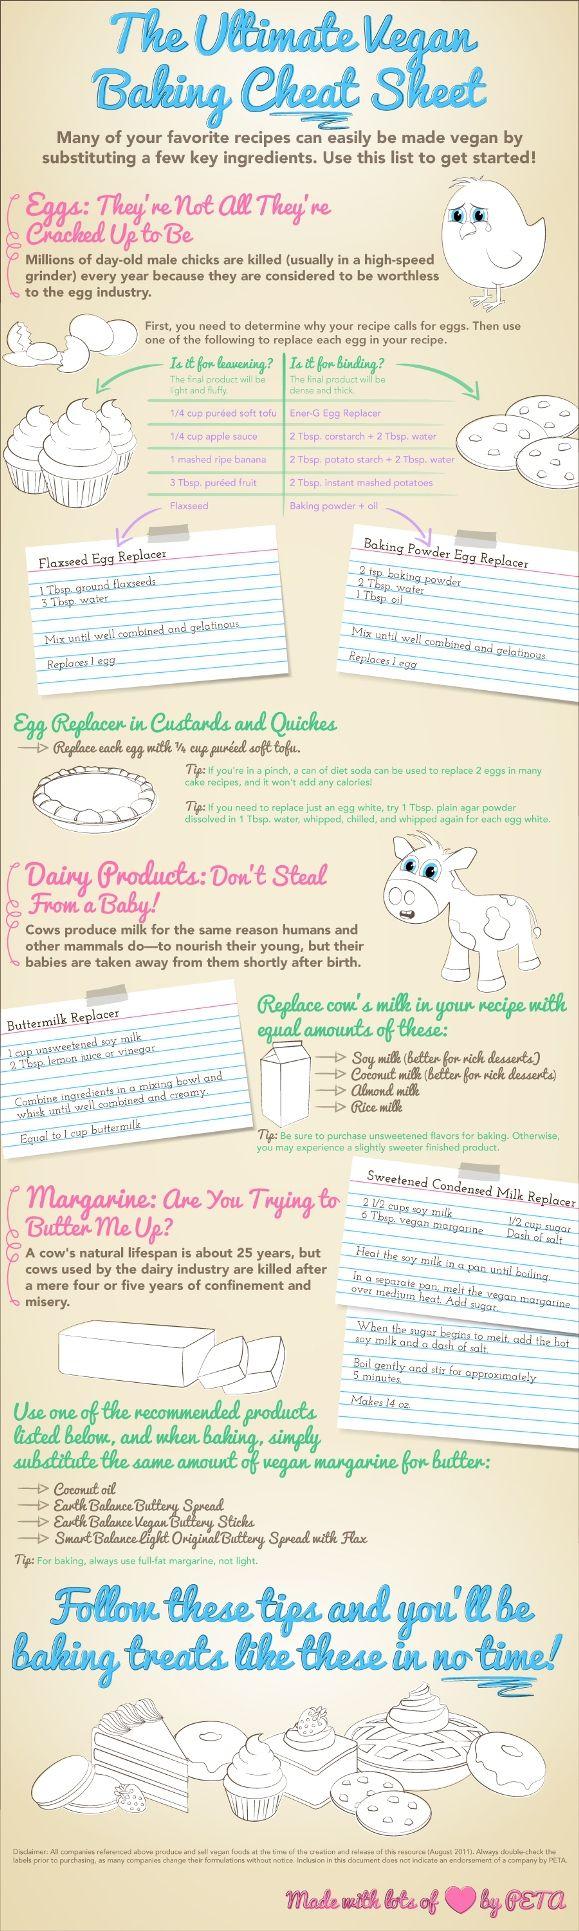 vegan baking tips.